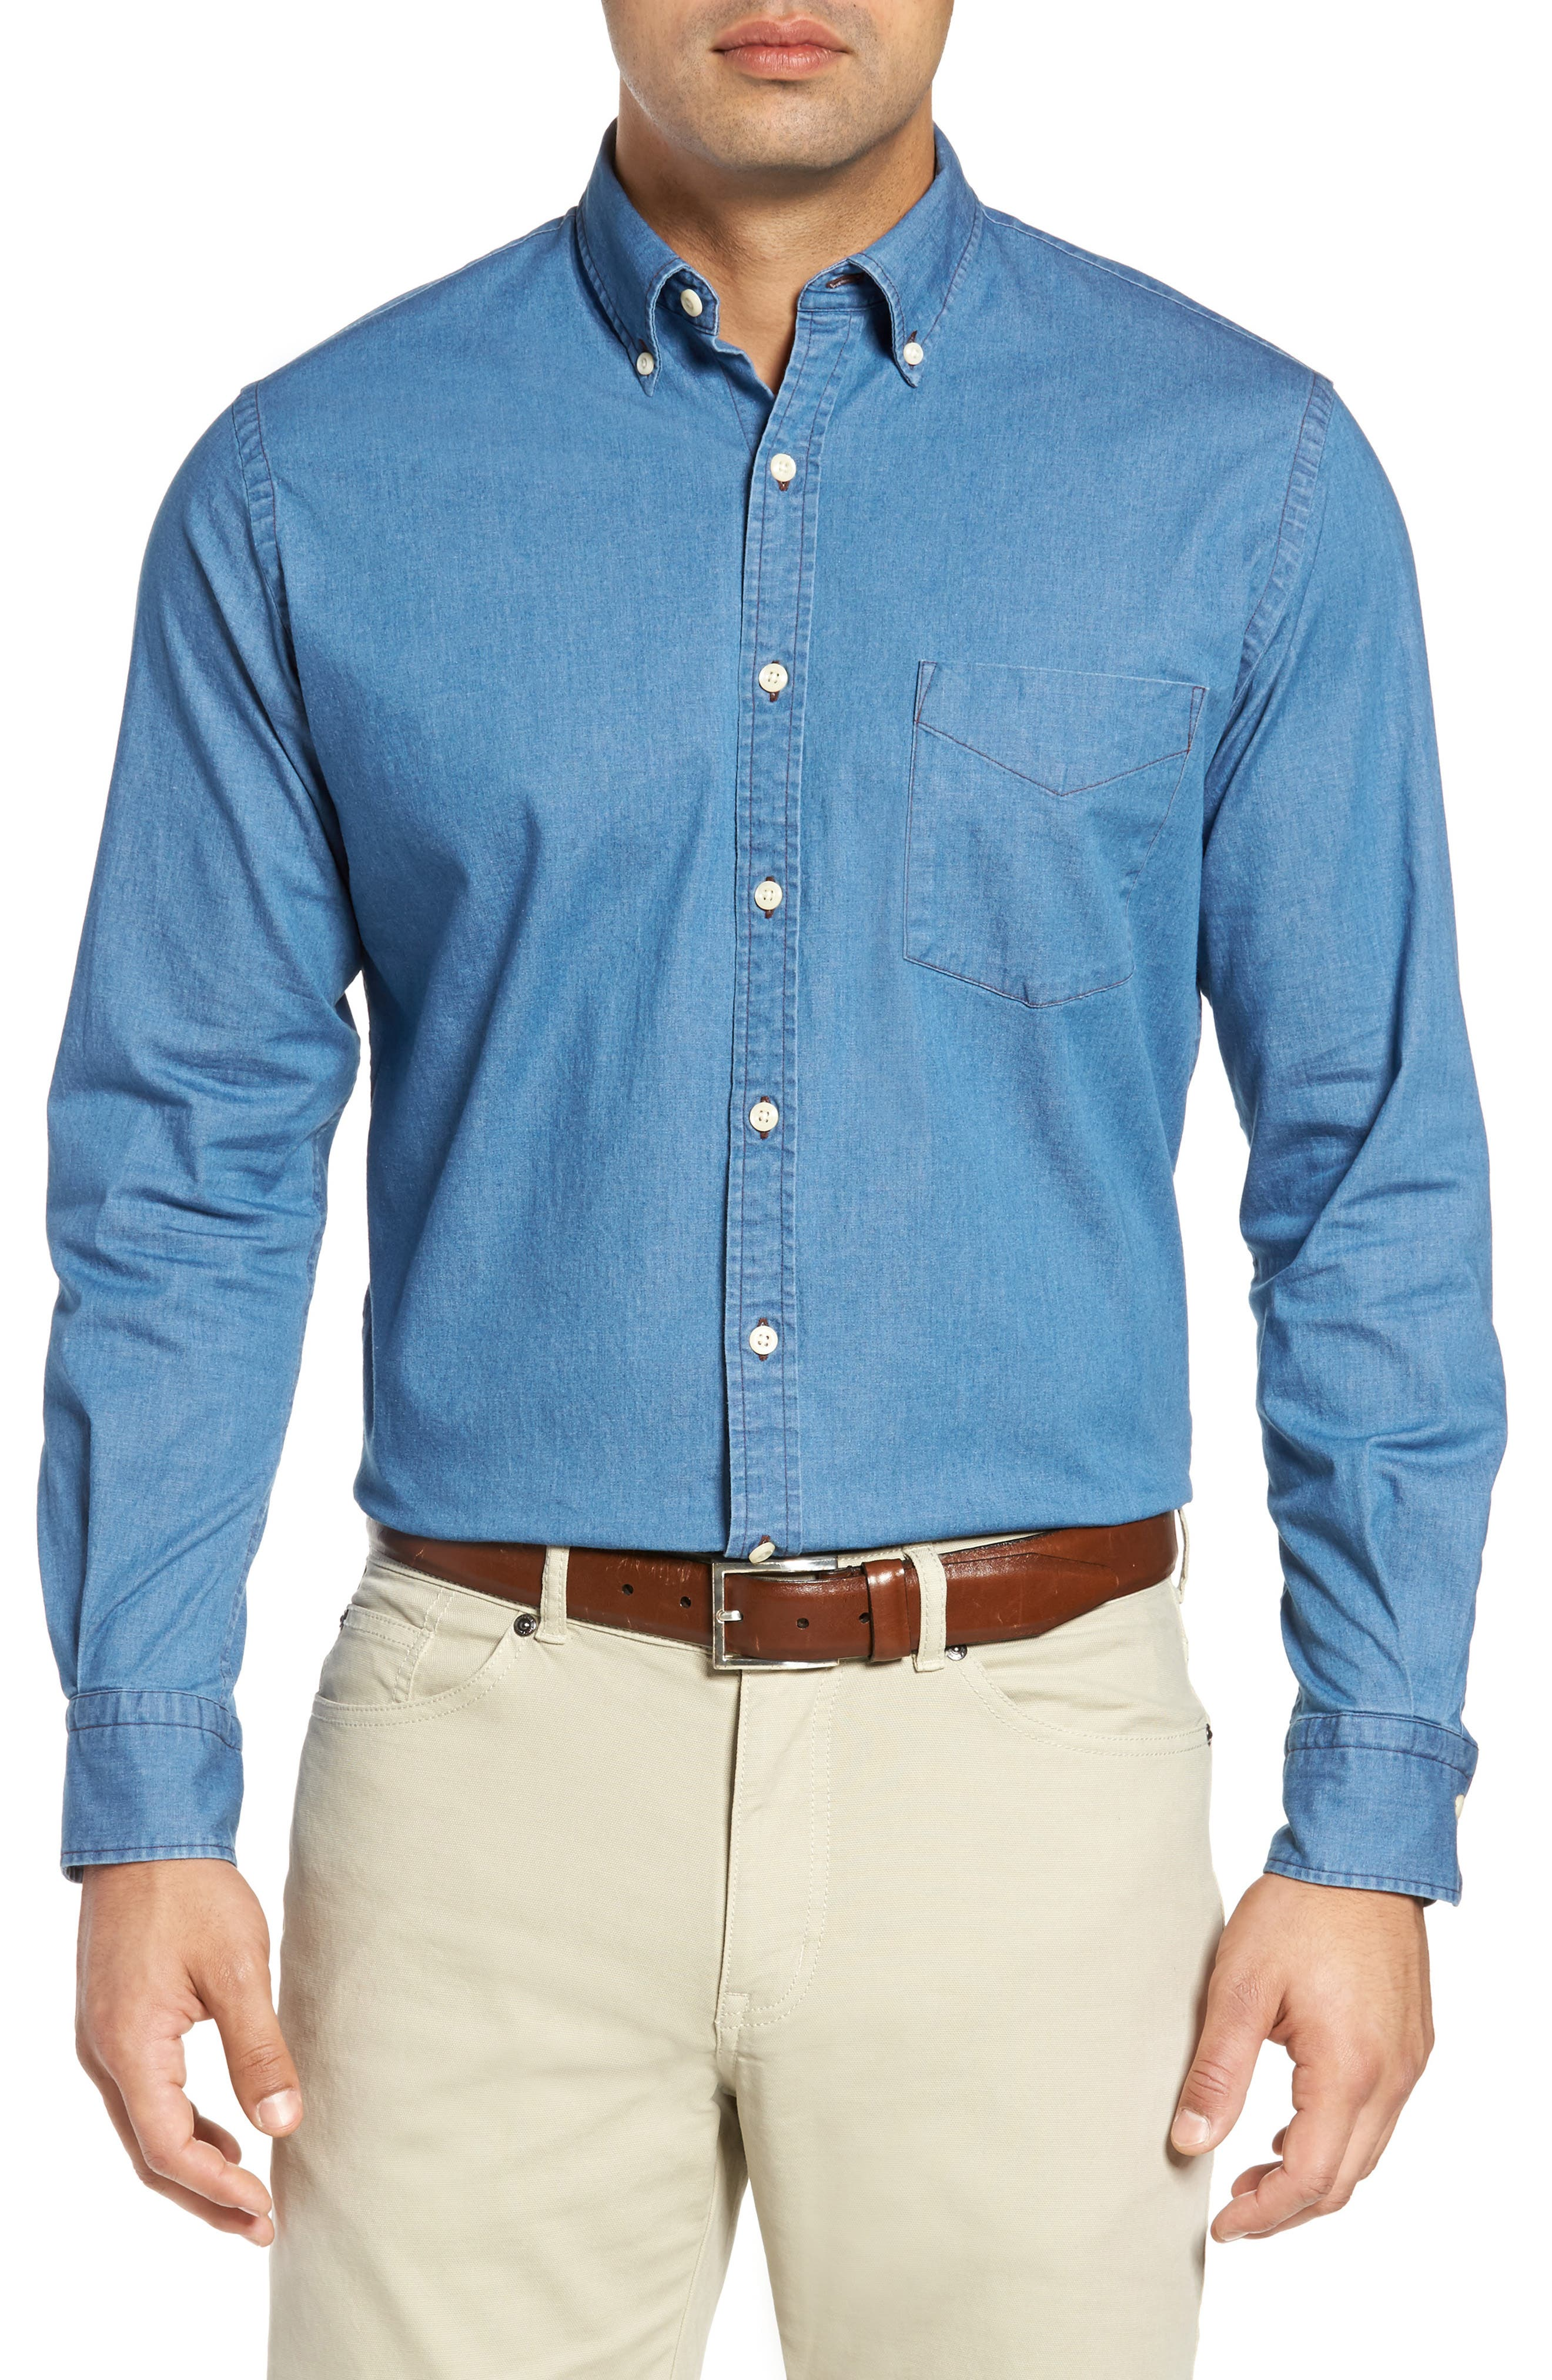 Crown Vintage Regular Fit Denim Sport Shirt,                         Main,                         color, Indigo